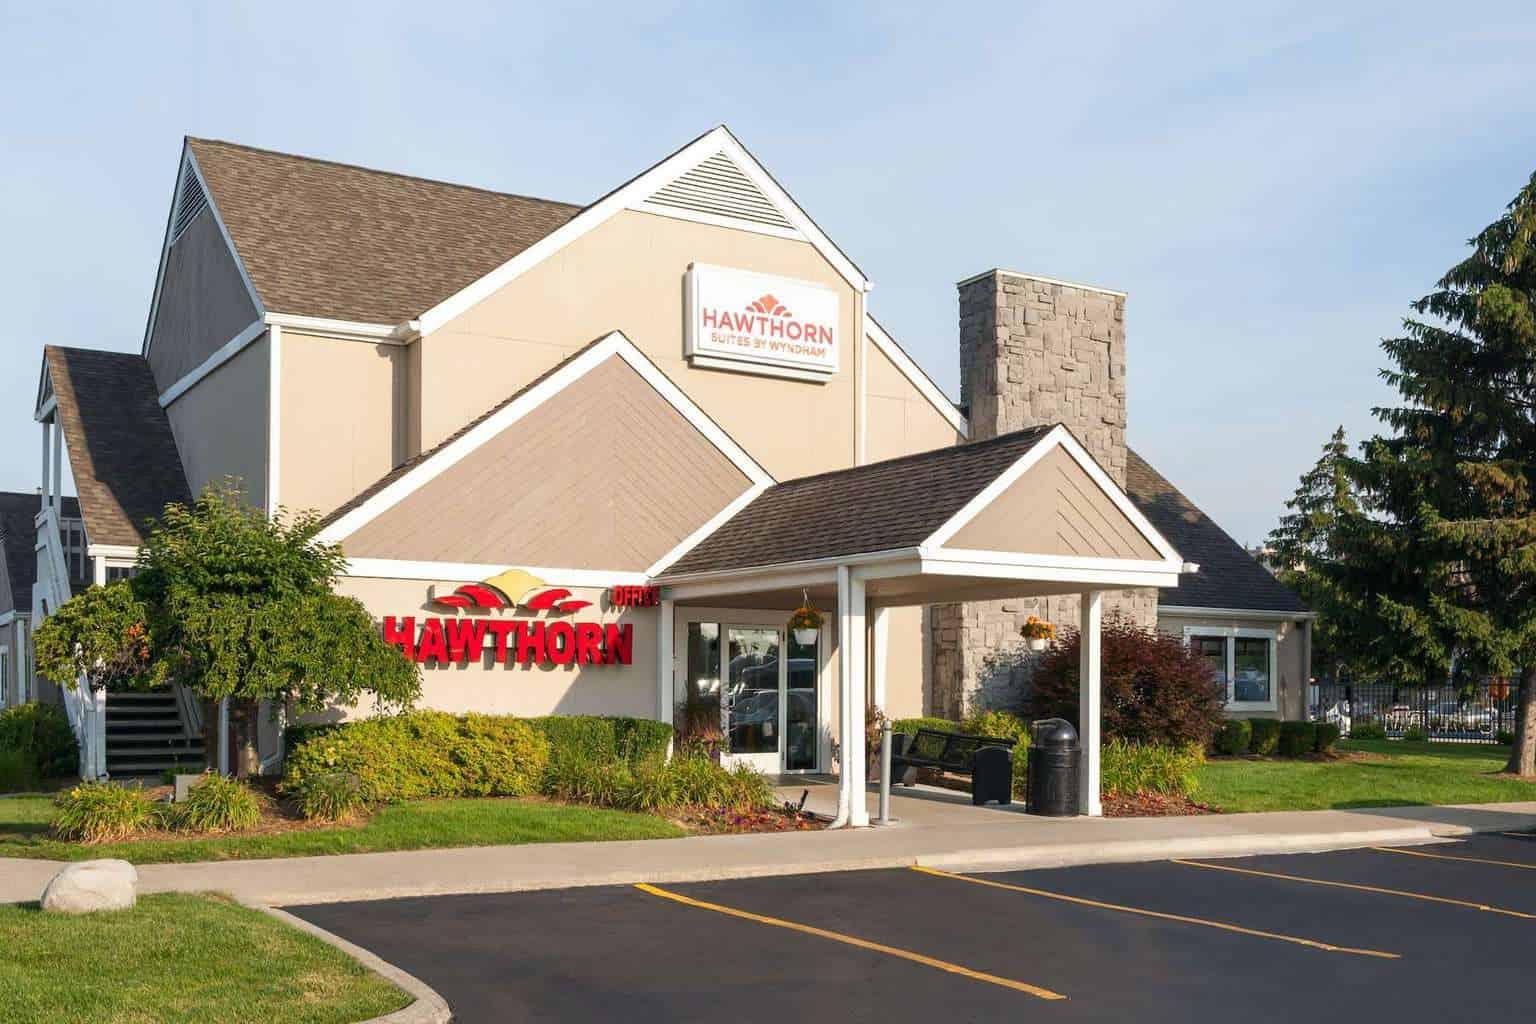 Hawthorne Suites by Wyndham Detroit Hotel Michigan